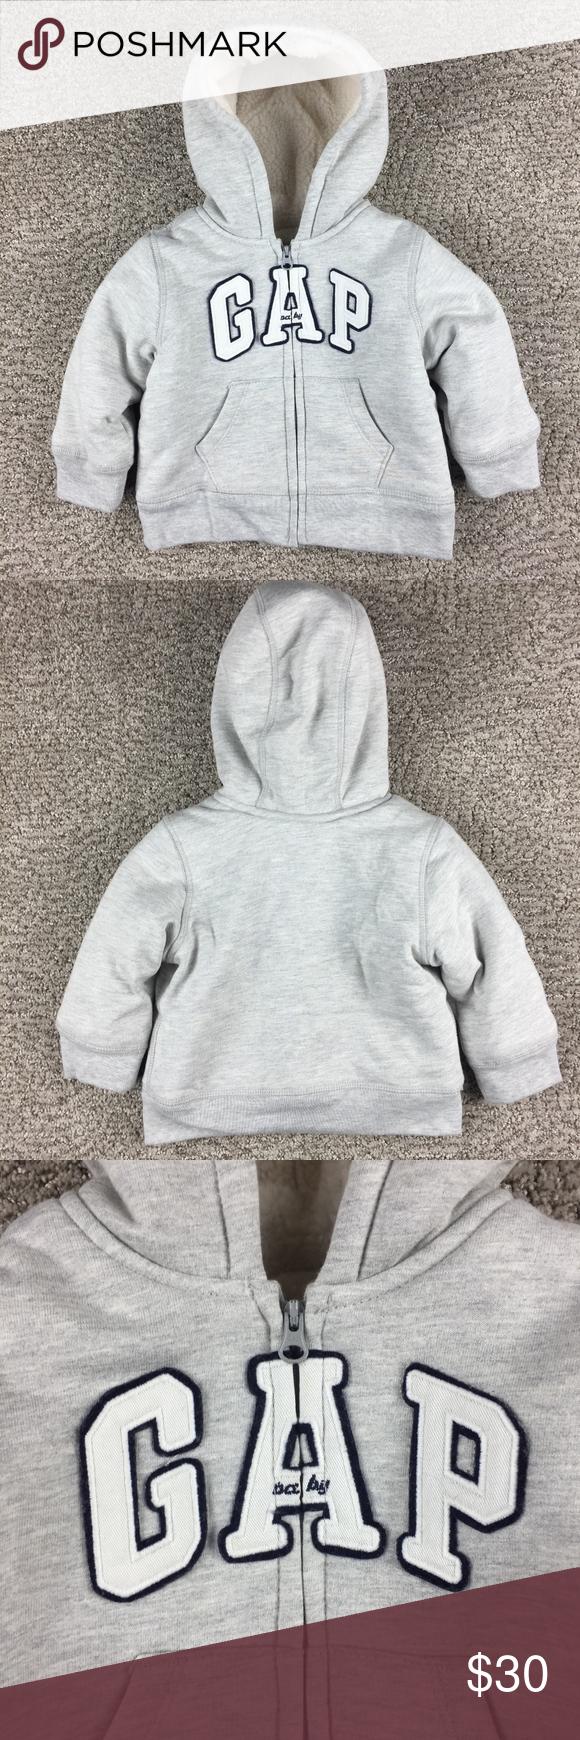 a08ee57c8ca2 BabyGap Boy s Sherpa Lined Zip Up Hoodie 18-24 M in 2018